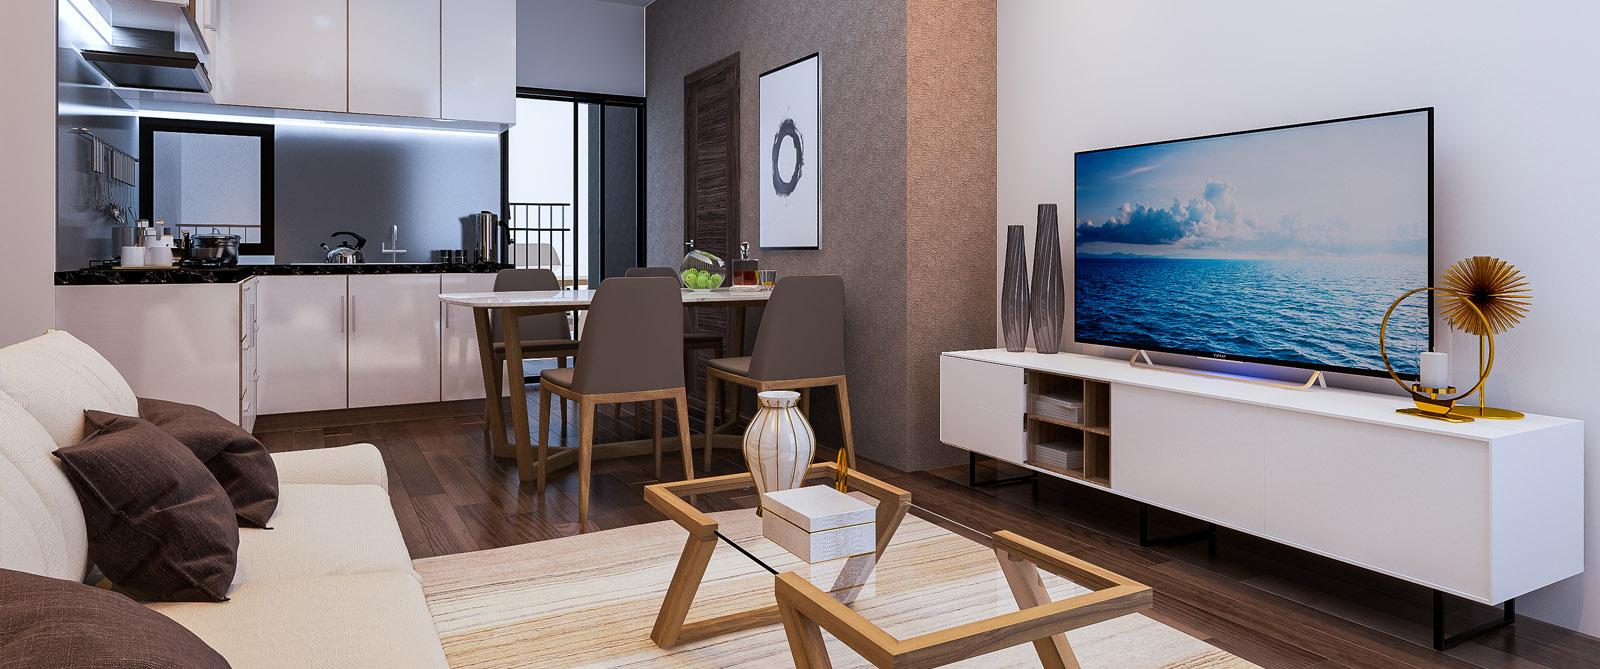 Nội thất phòng khách Startup Tower